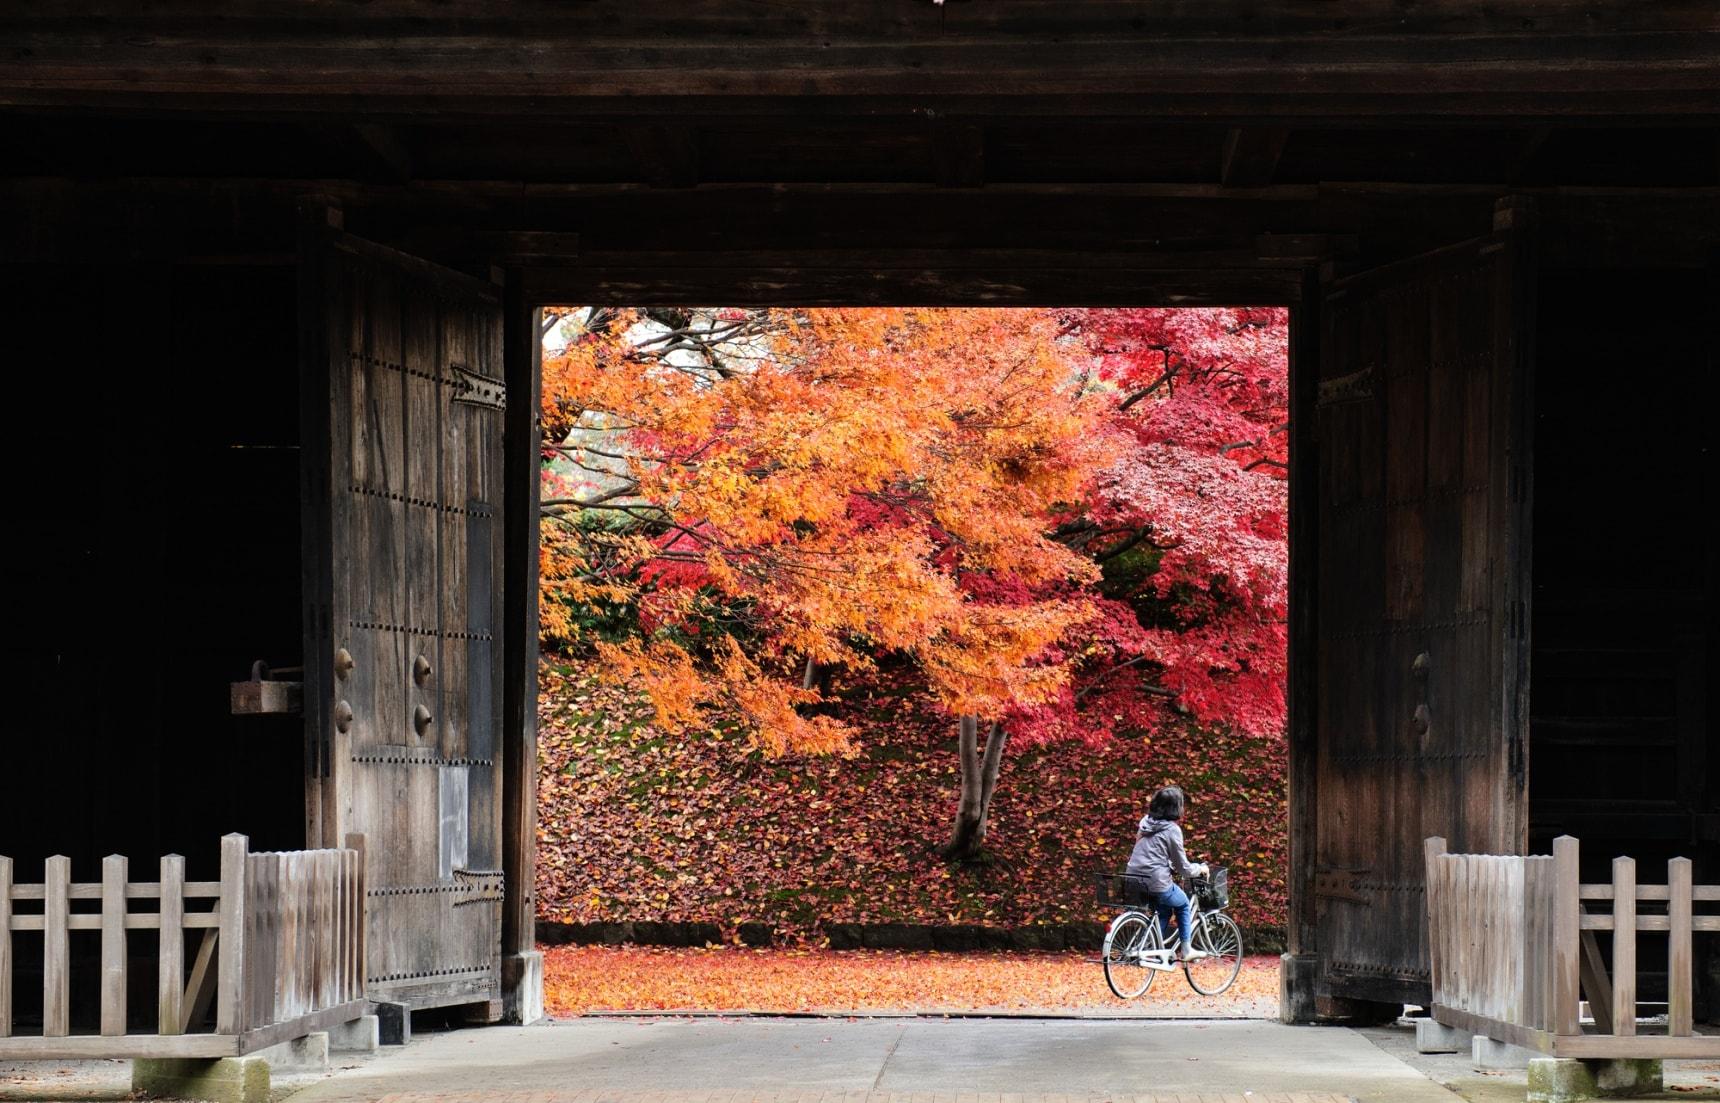 ใบไม้เปลี่ยนสีที่อาโอโมริ